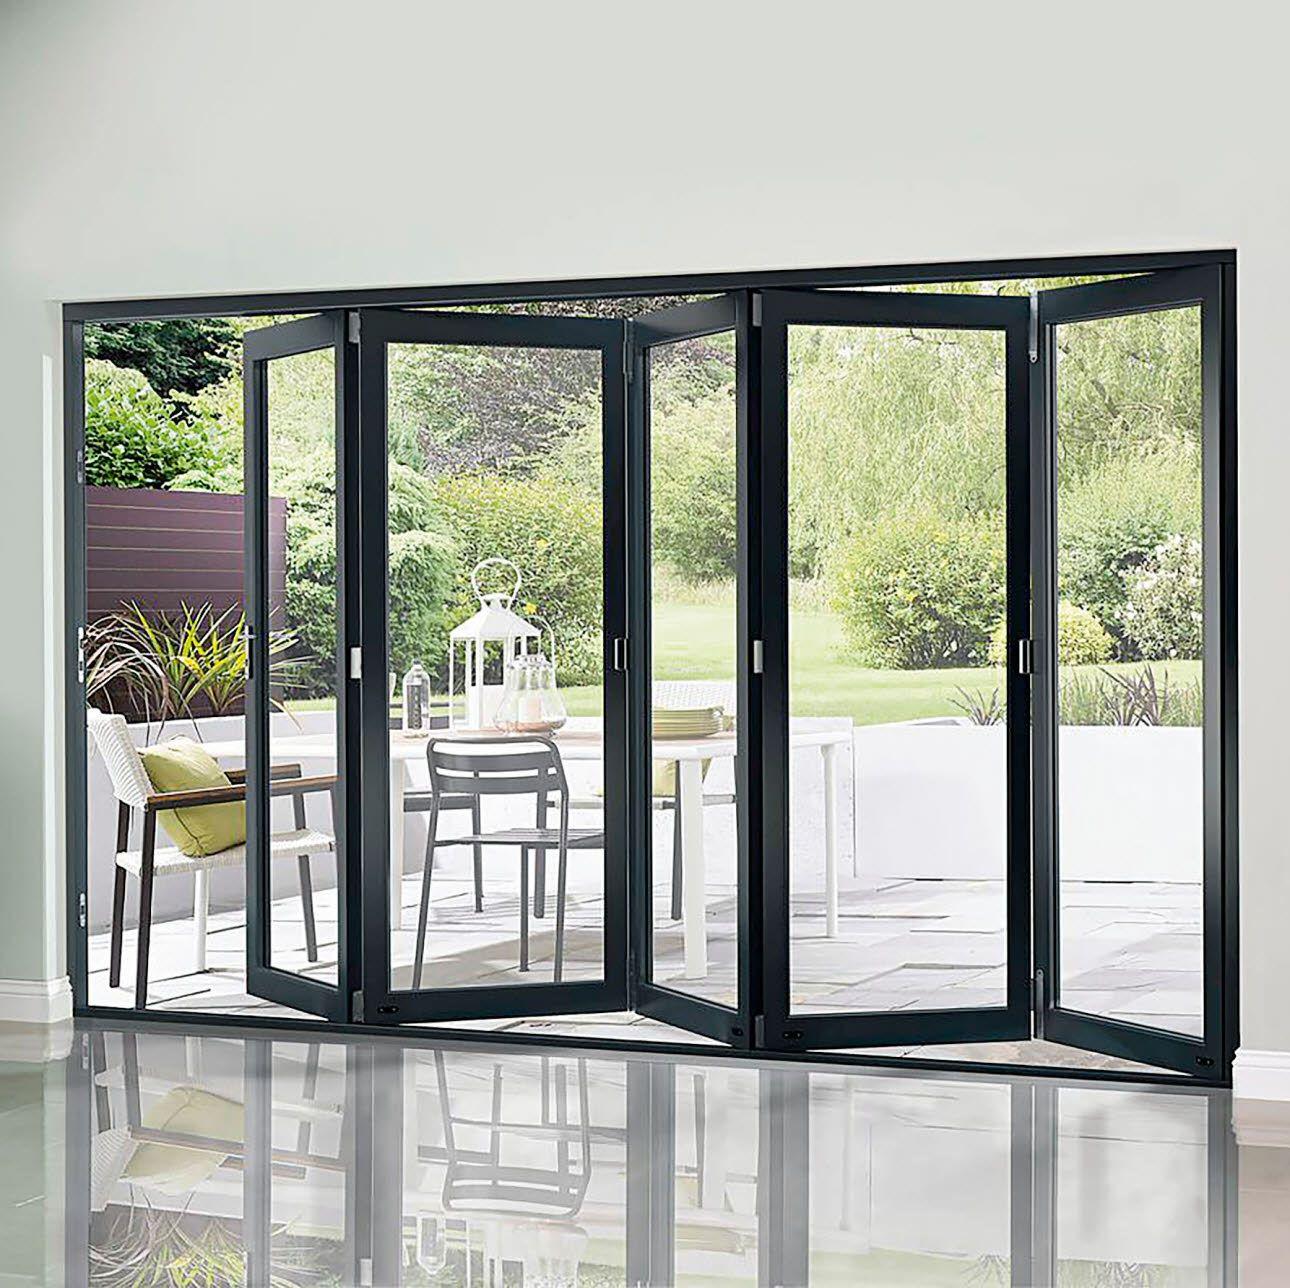 Pin By Cheryl Carey On Self Build Windows Glass Doors Patio Folding Doors Exterior Folding Glass Doors